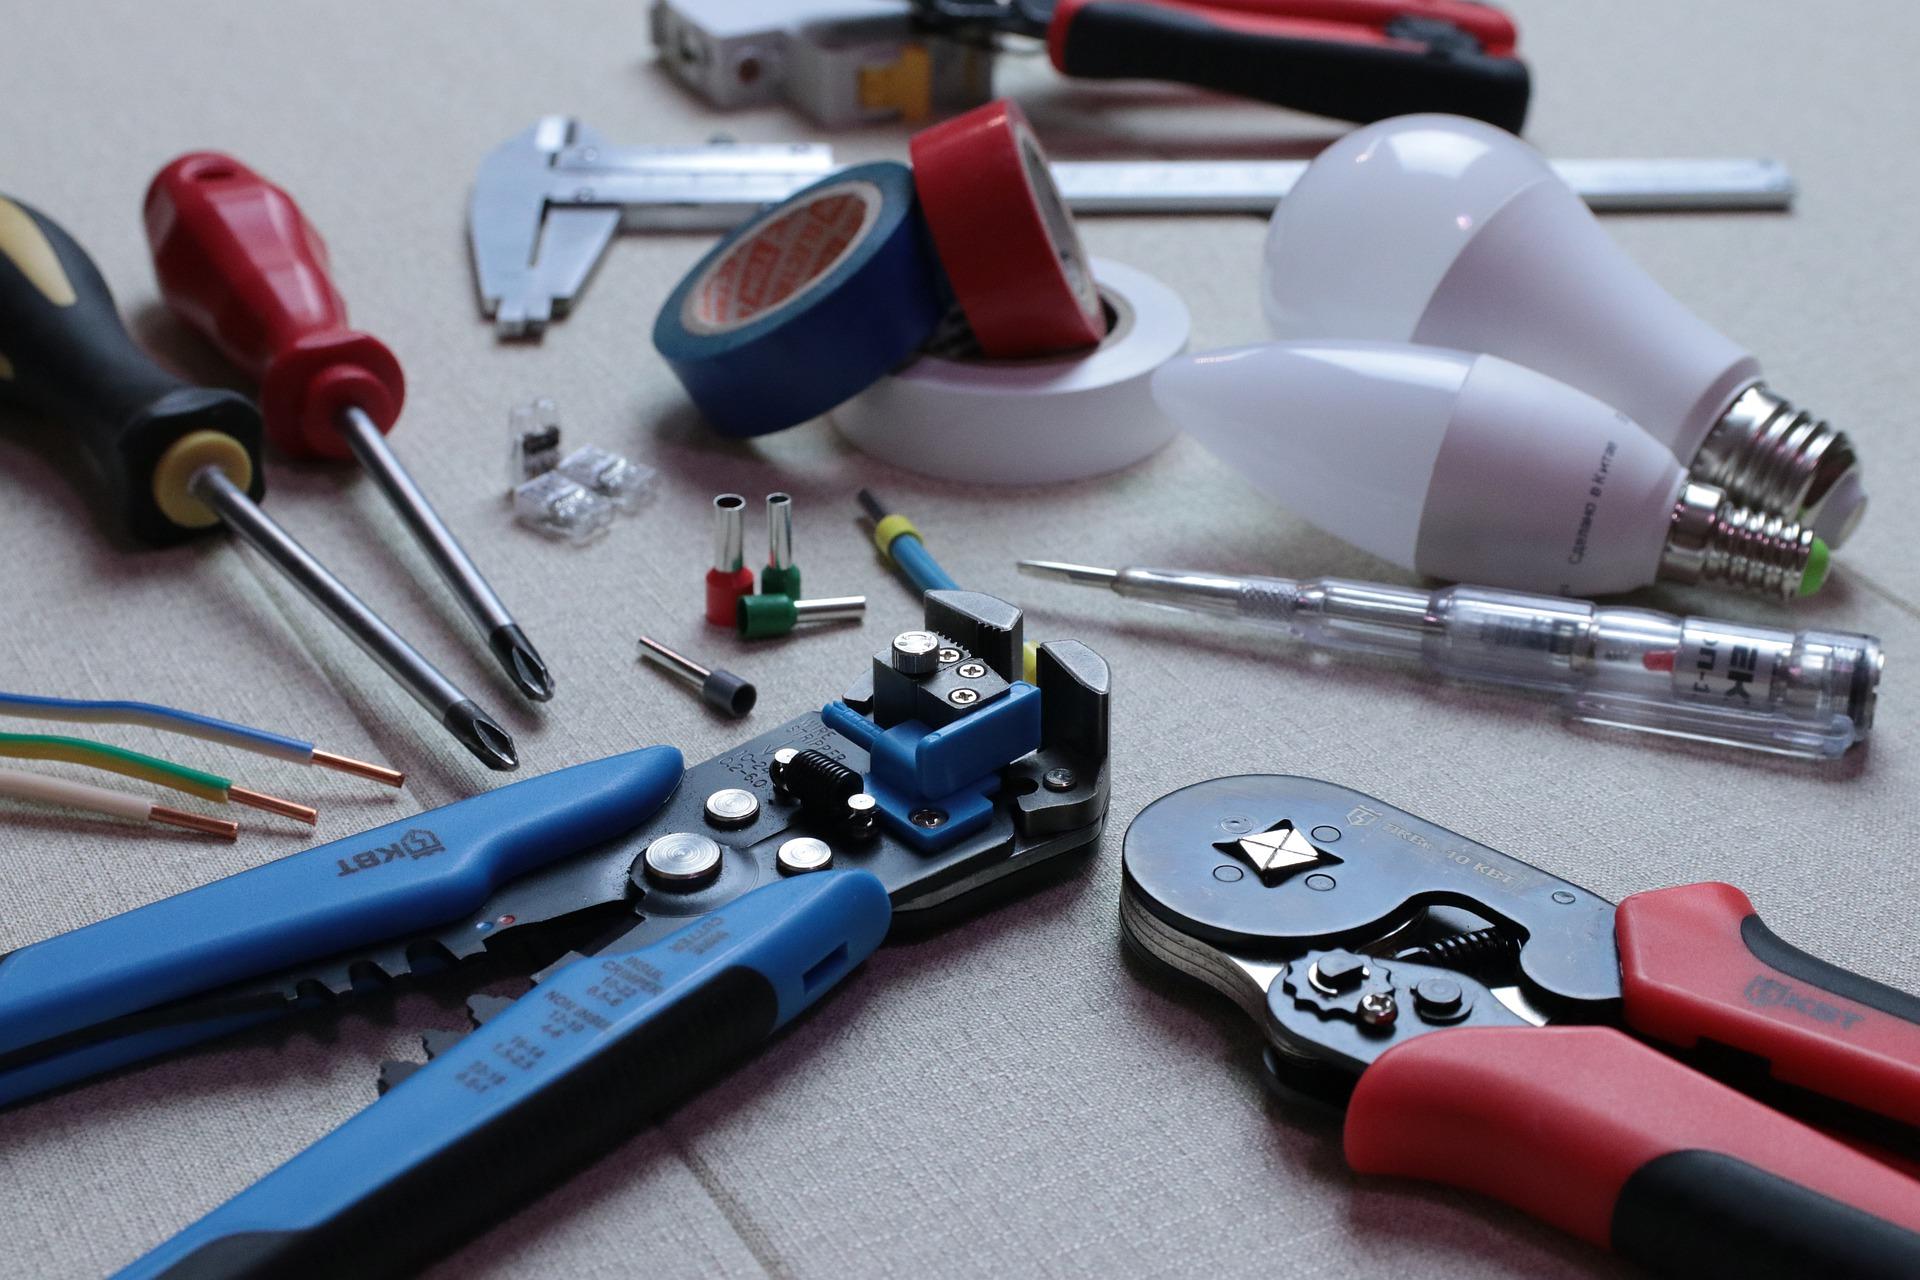 Imagem mostra várias ferramentas de eletricista lado a lado.